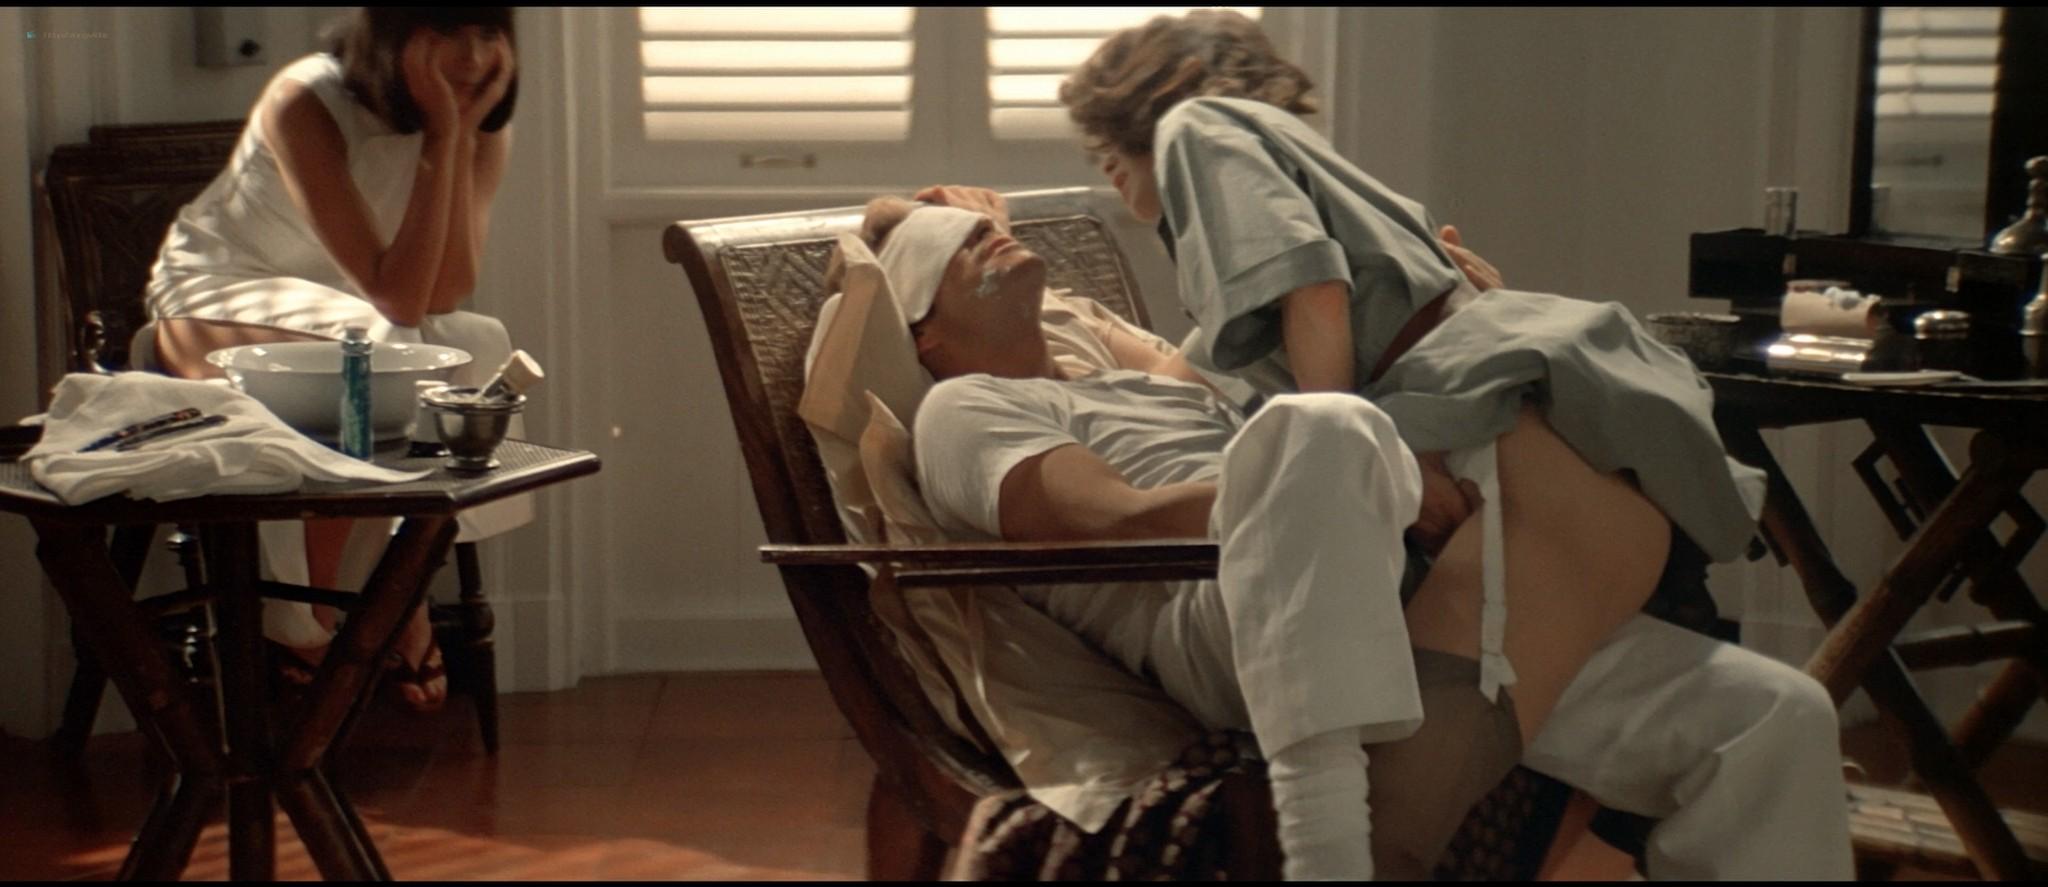 Sylvia Kristel nude sex threesome Catherine Rivet, Laura Gemser nude - Emmanuelle 2 (1975) HD 1080p REMUX (39)